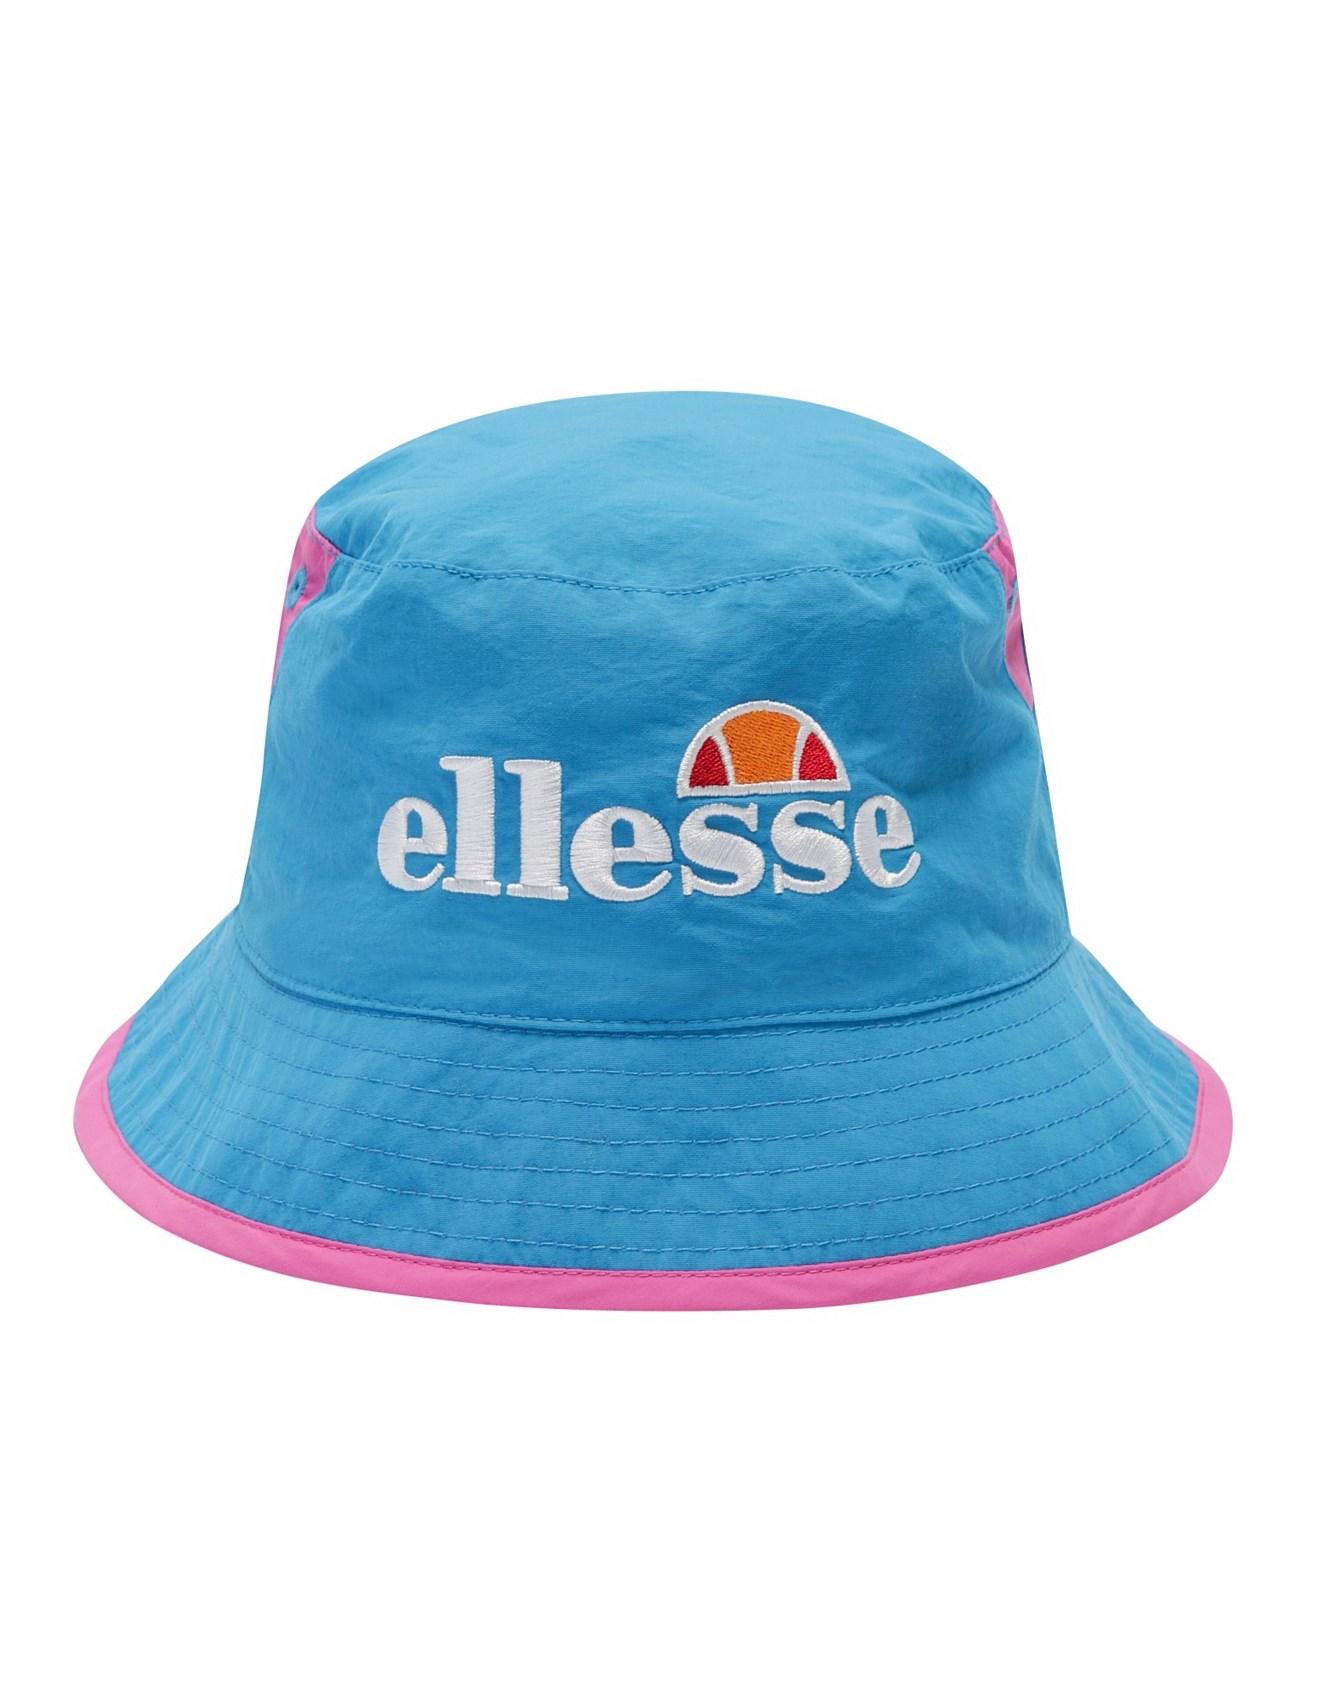 ace3763e Women's Hats, Scarves & Gloves Sale   Buy Hats Online   David Jones ...